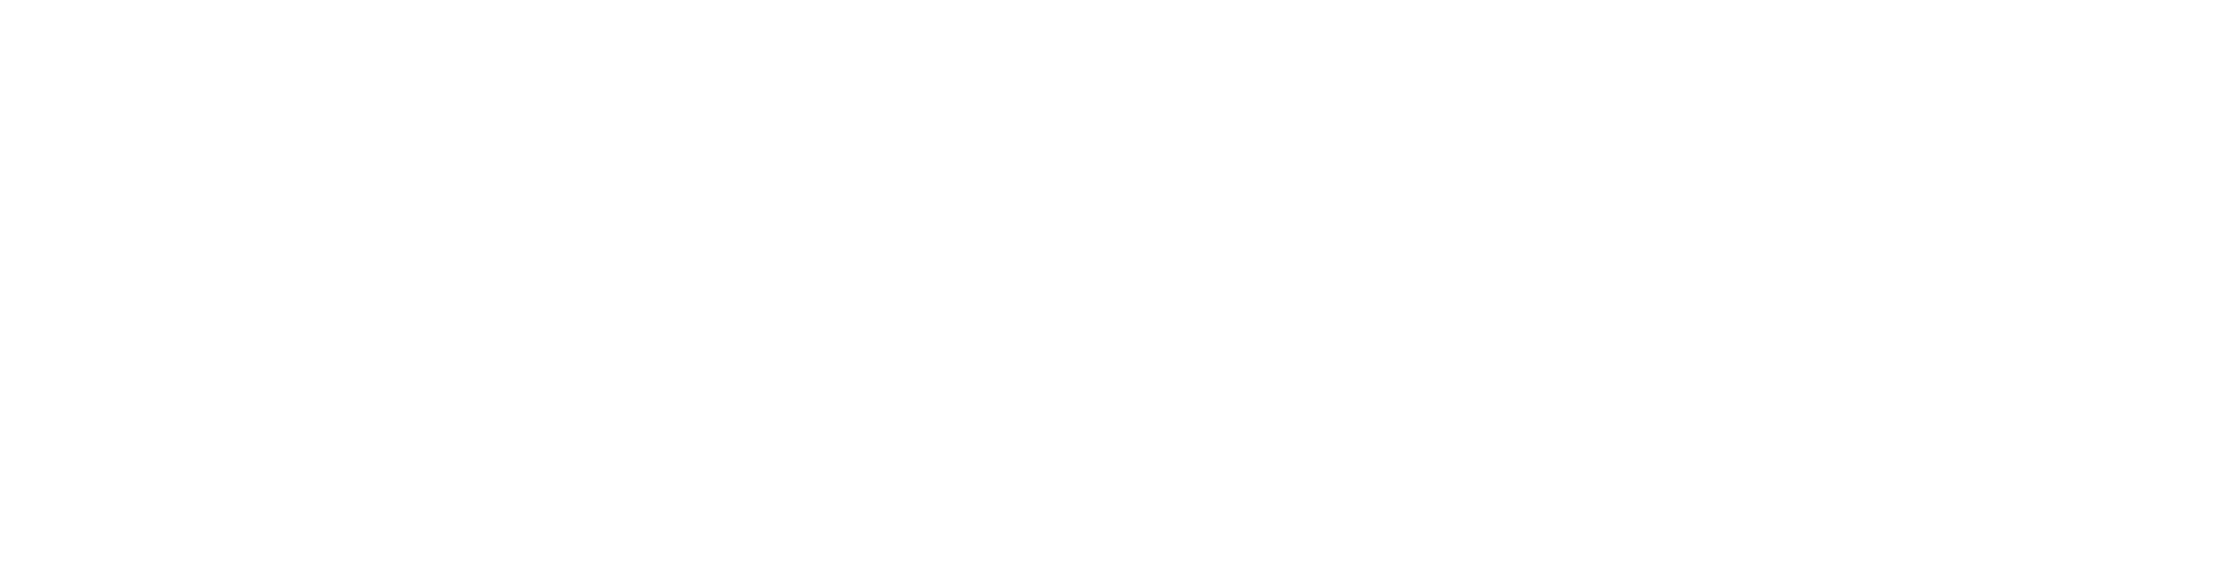 Tratamientos estéticos Bogotá | Novasens Clínica Suiza Antiedad